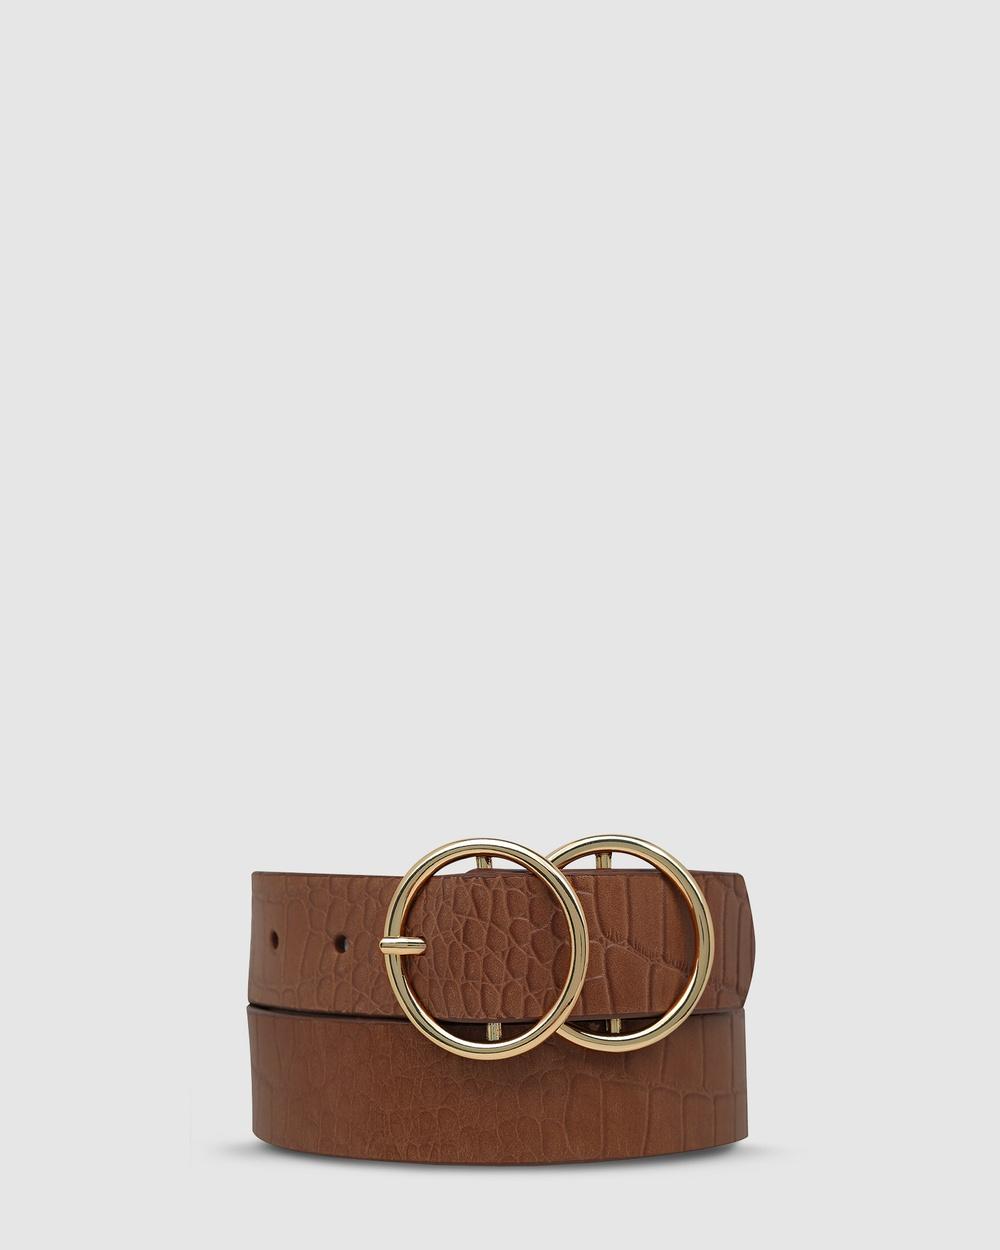 Status Anxiety Mislaid Belt Belts Tan Croc/Gold